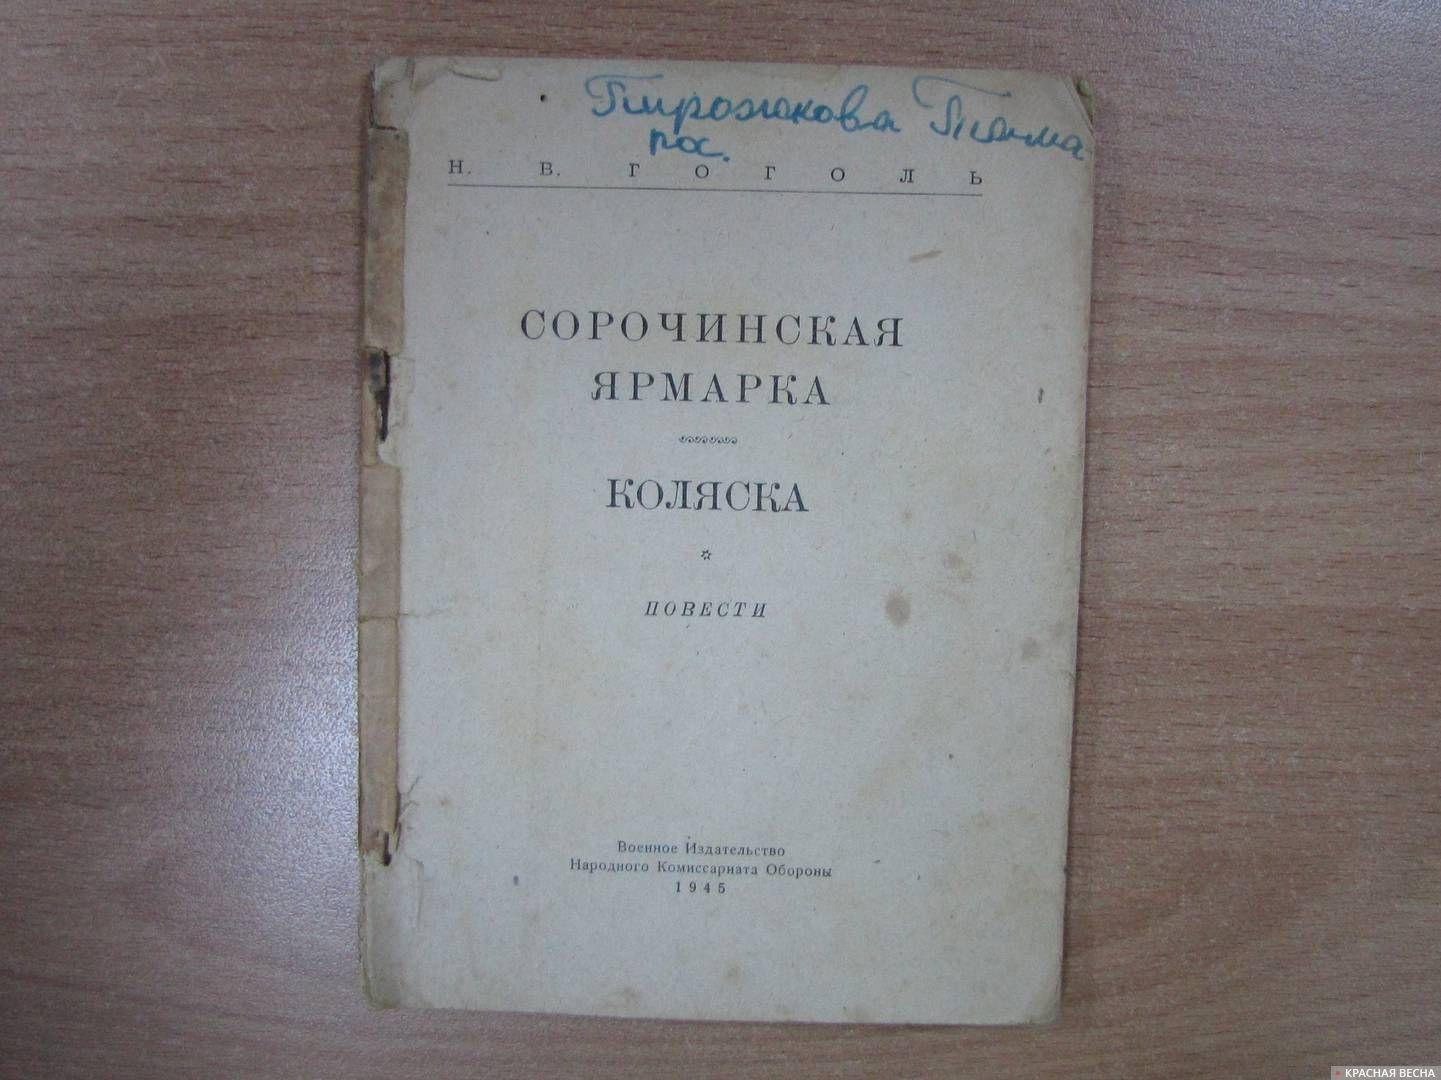 Николай Гоголь, «Сорочинская Ярмарка»